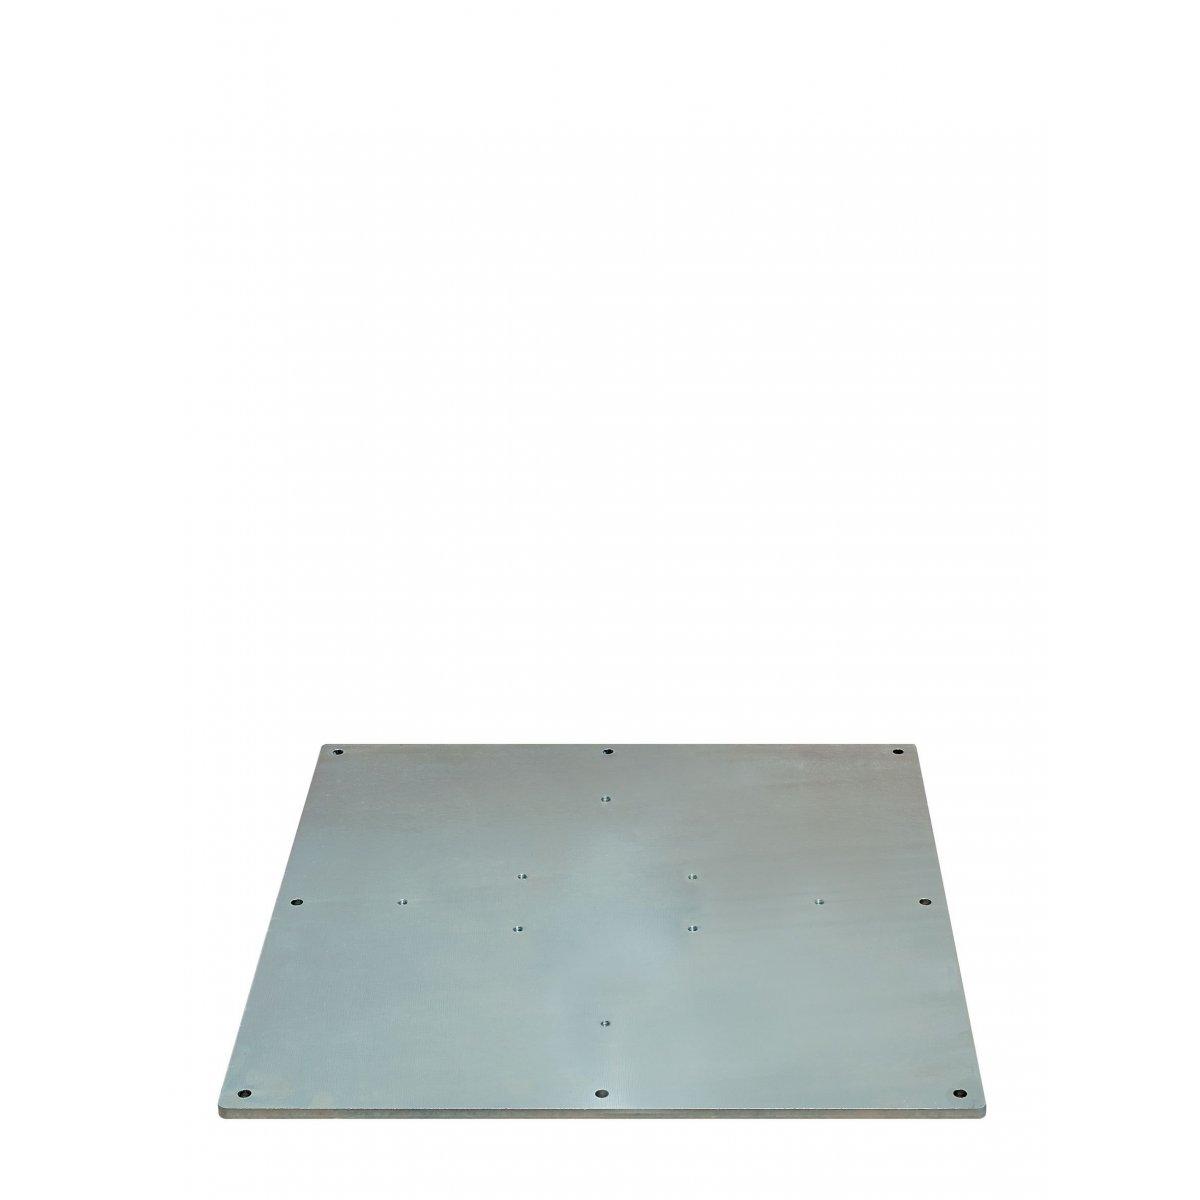 contropiastra in acciaio zincato adatta per tutti i tipi di ombrelloni prodotti da Scolaro Parasol